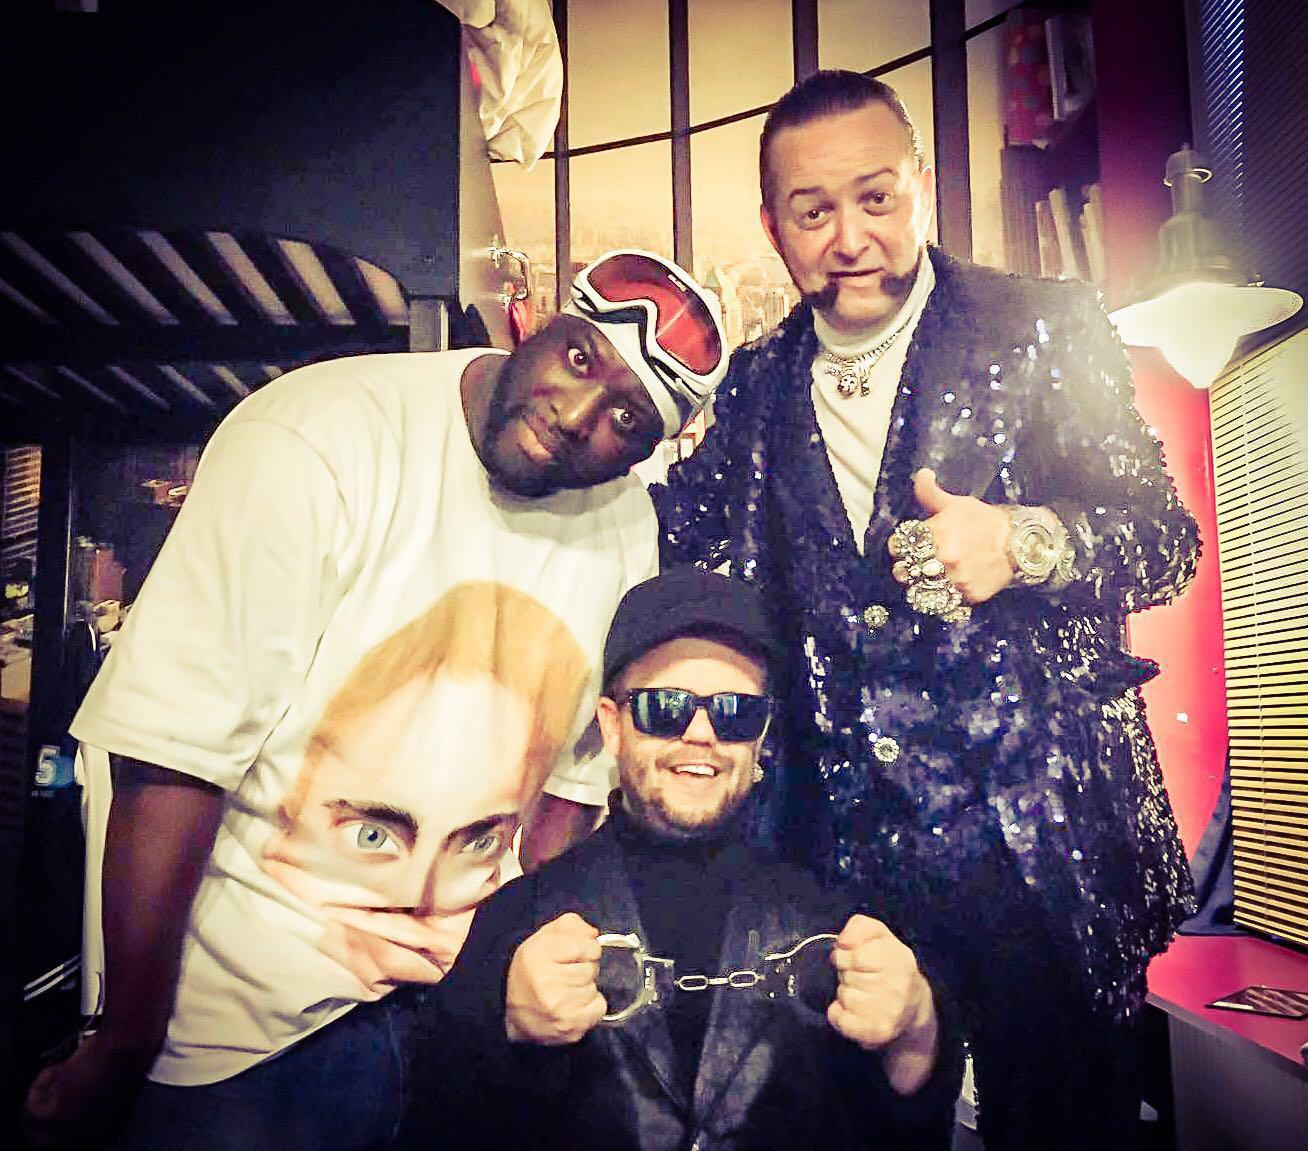 DJ_Timmie_DEF_Rhymz_Ronnie_Ruysdael